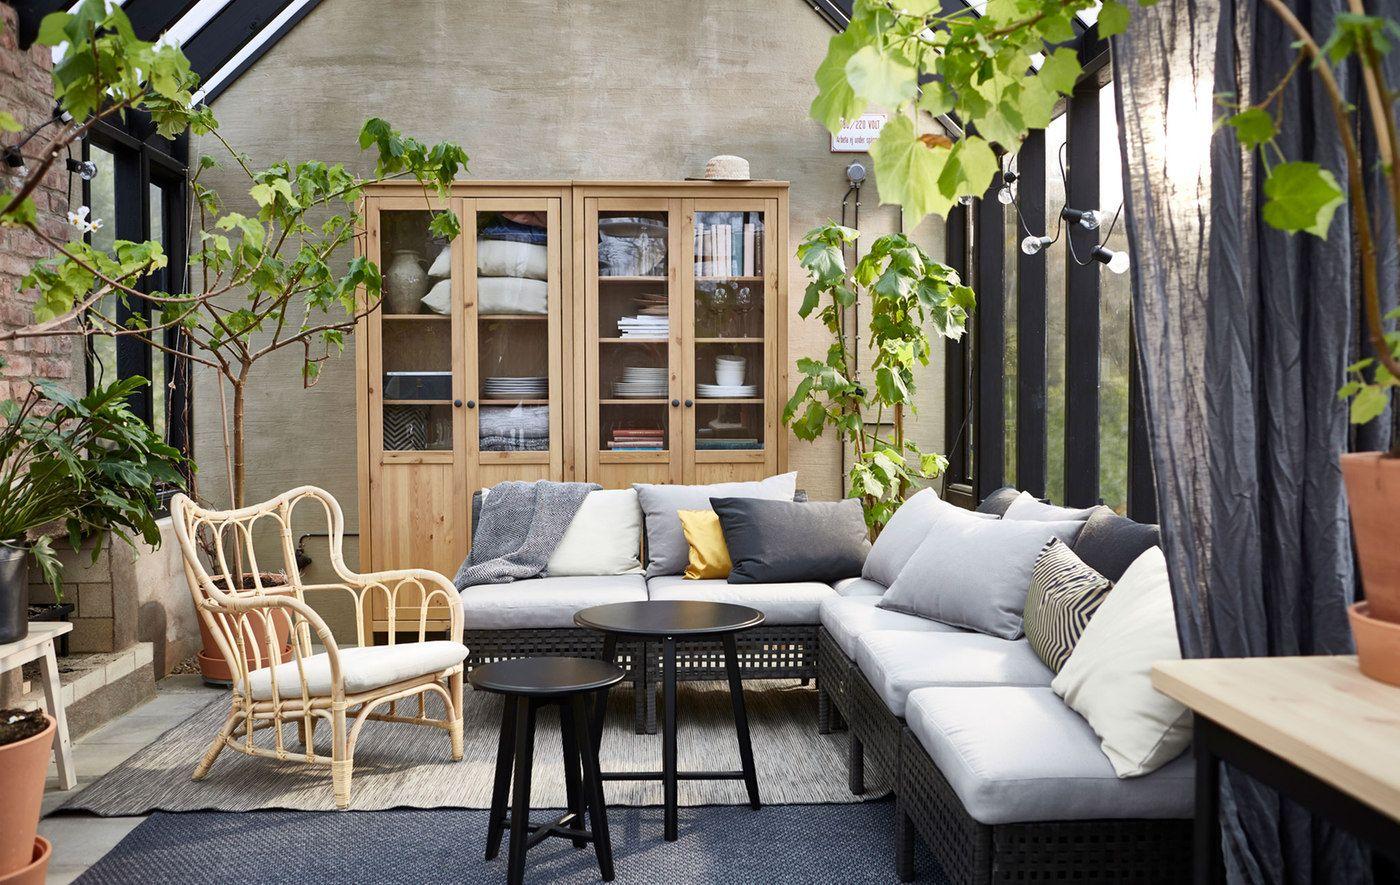 Klapptisch Wohnzimmer ~ Outdoor wohnzimmer stilvolle gestaltungsideen outdoor